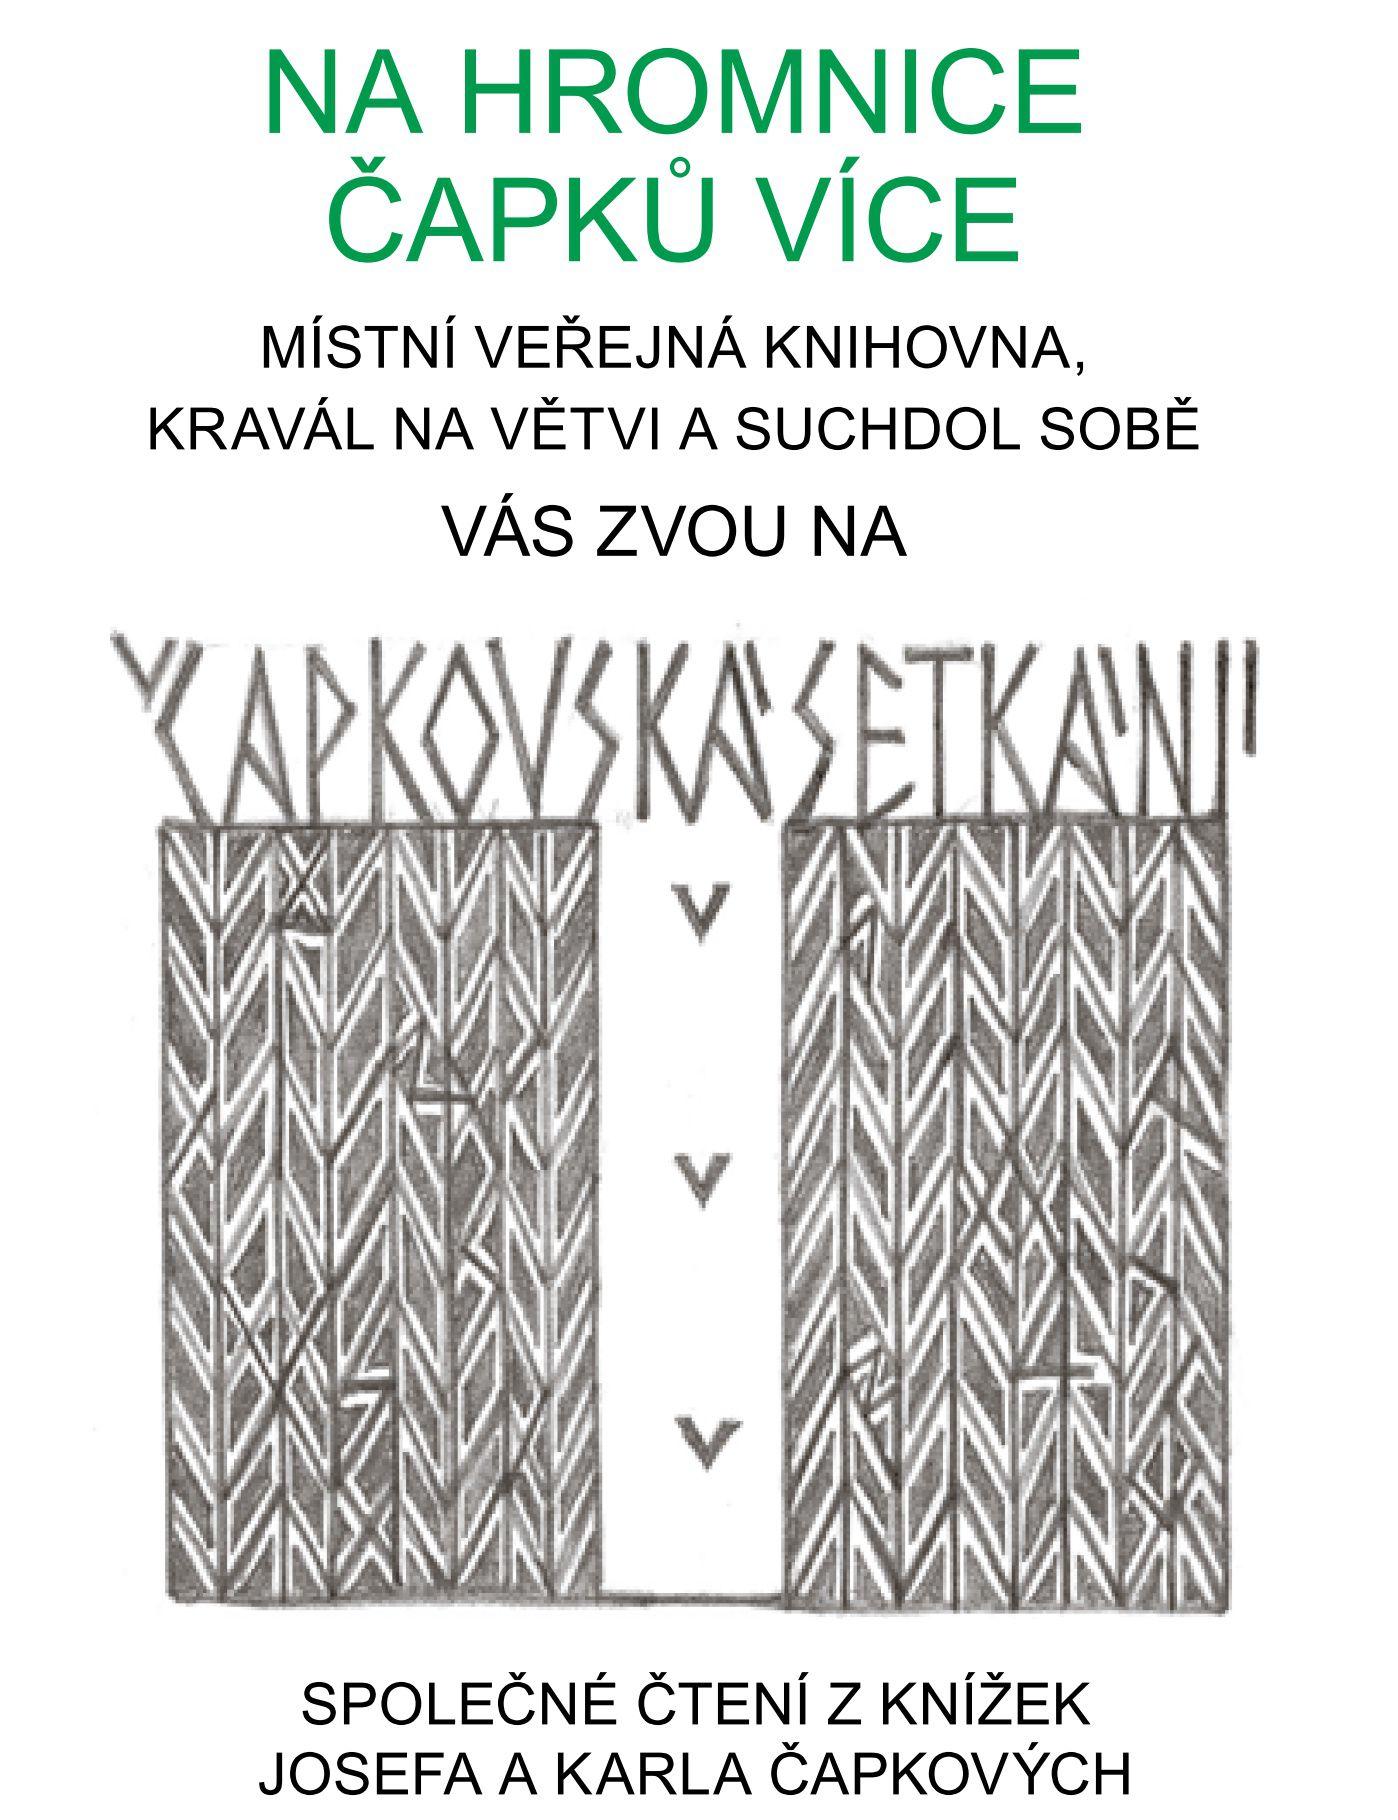 Čapkovské čtení, úterý 2.2. 2016 Kravál na větvi